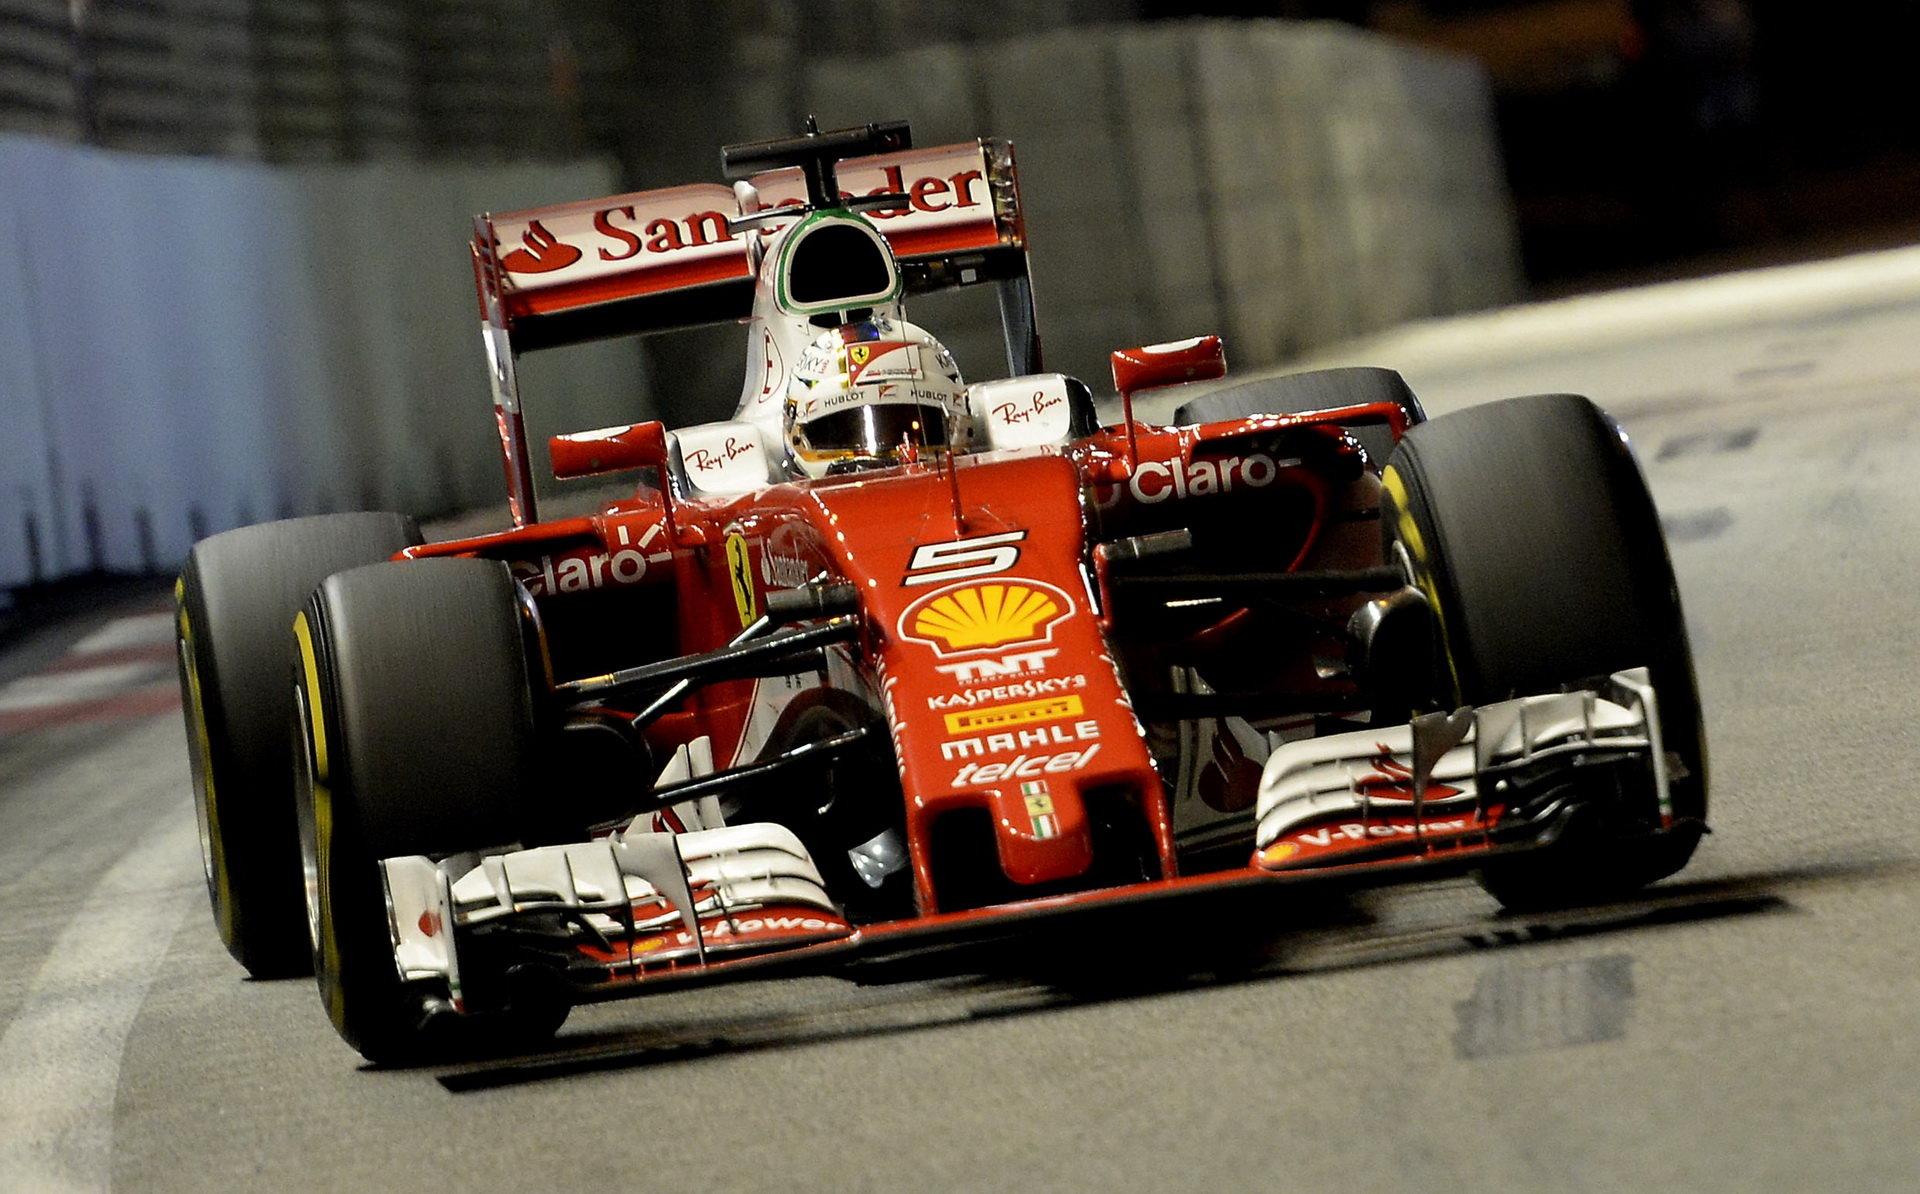 Ferrari do Malajsie přiveze vylepšení aerodynamiky, zoufale chce porazit Red Bull - anotační obrázek